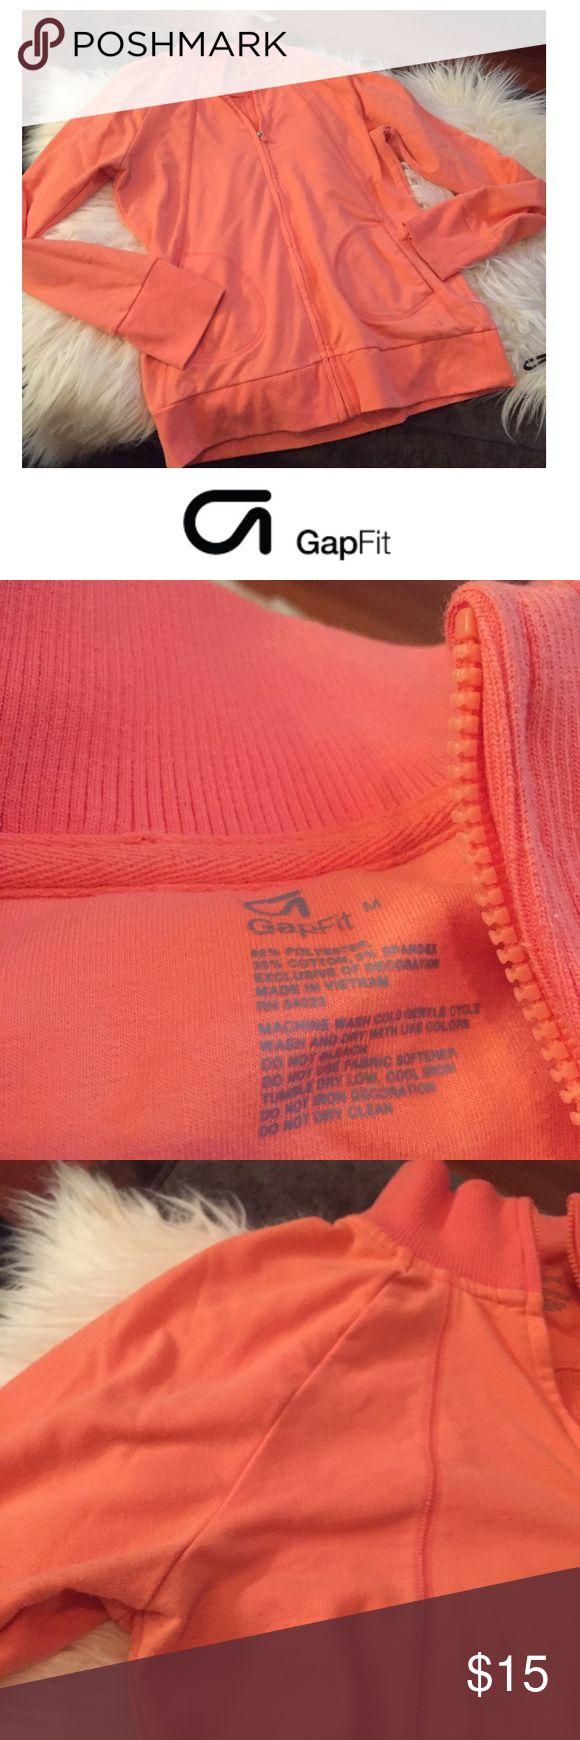 GAP Fit Sorbet Orange Zip Up Sweatshirt GAP Fit Sorbet Orange Zip Up Sweatshirt. 18 inch bust. 25 inches long. Gently worn. Great condition. Feel free to make an offer or bundle & save! GAP Tops Sweatshirts & Hoodies